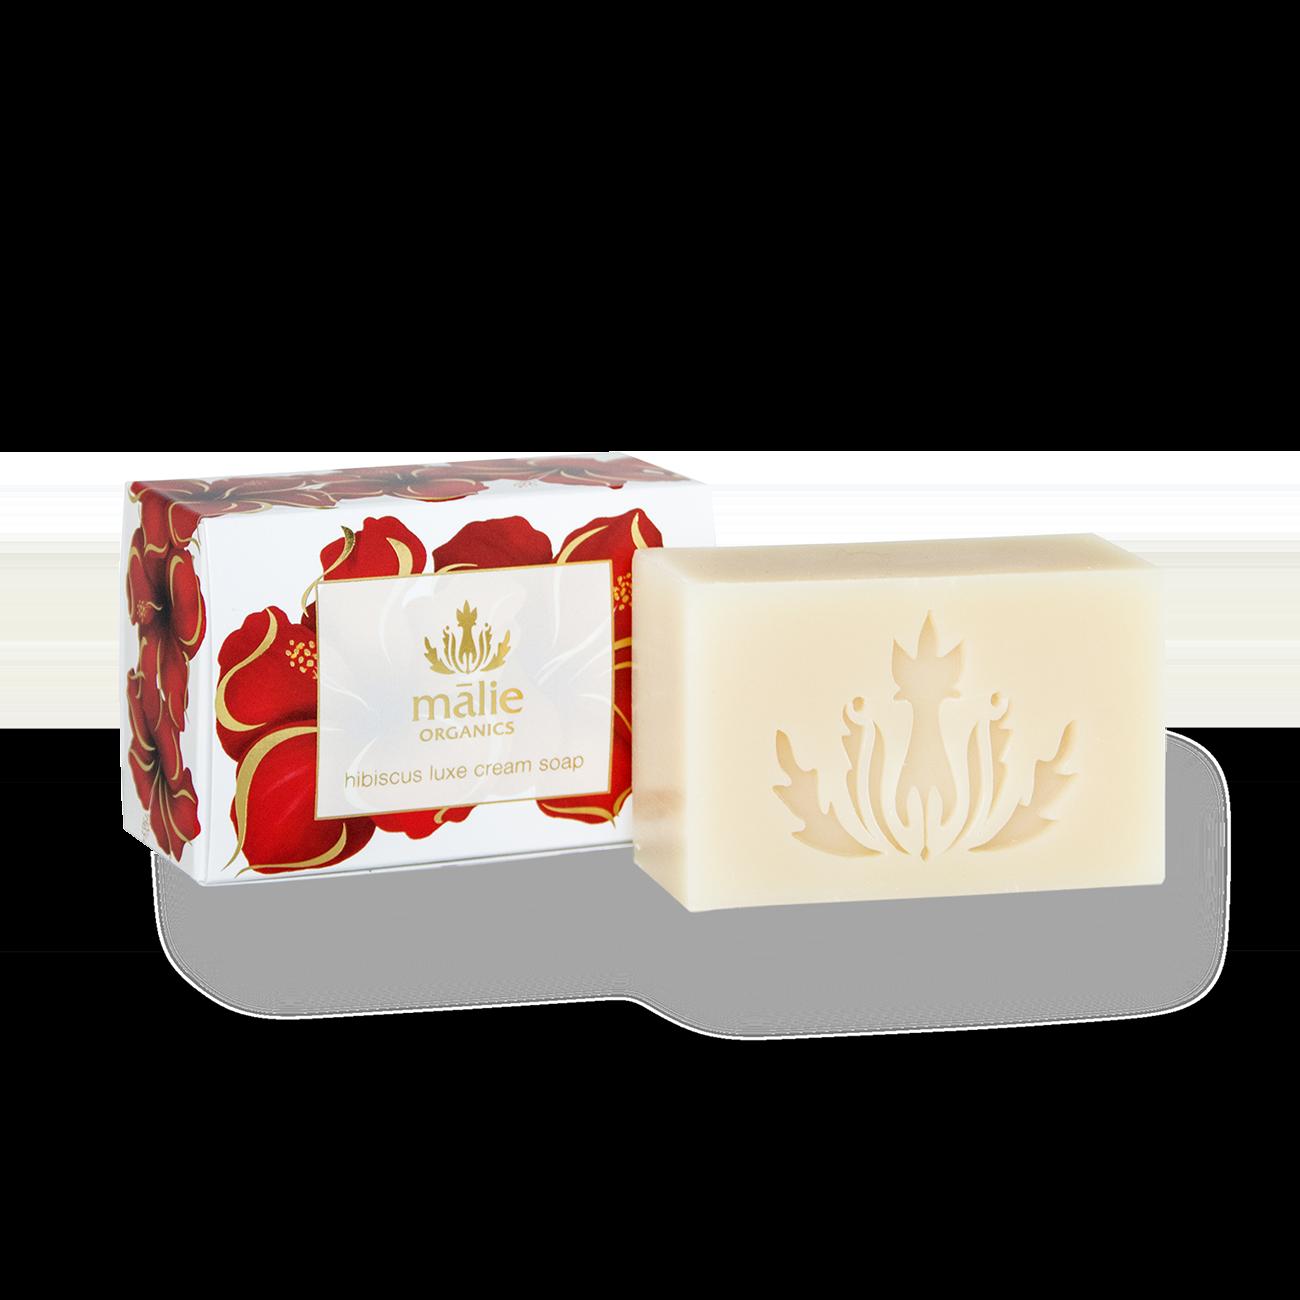 Hibiscus Luxe Cream Soap